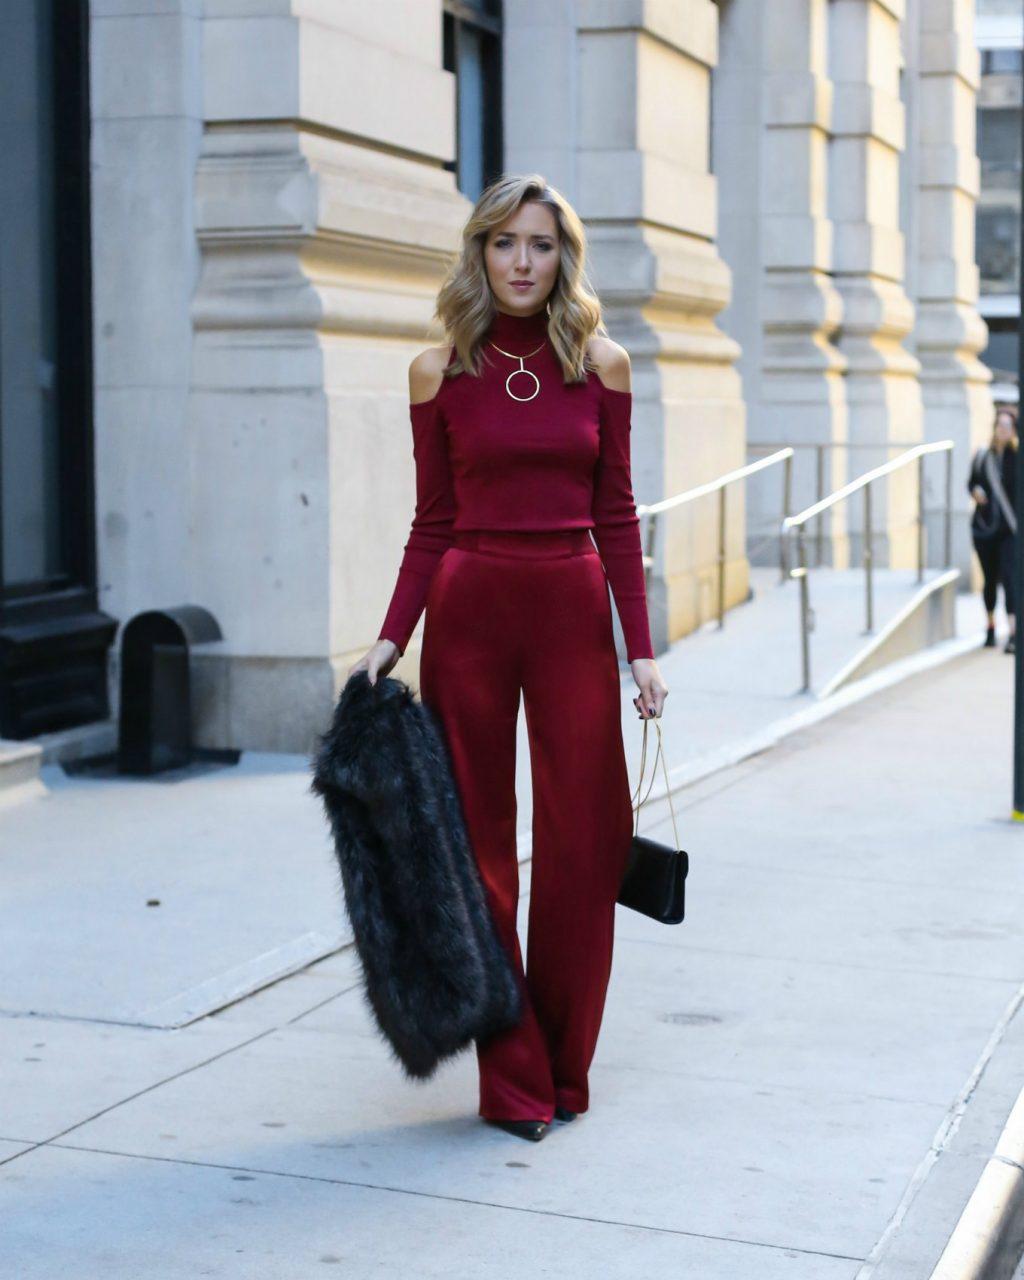 trang phục dự tiệc đỏ burgundy cho mùa lễ hội 36